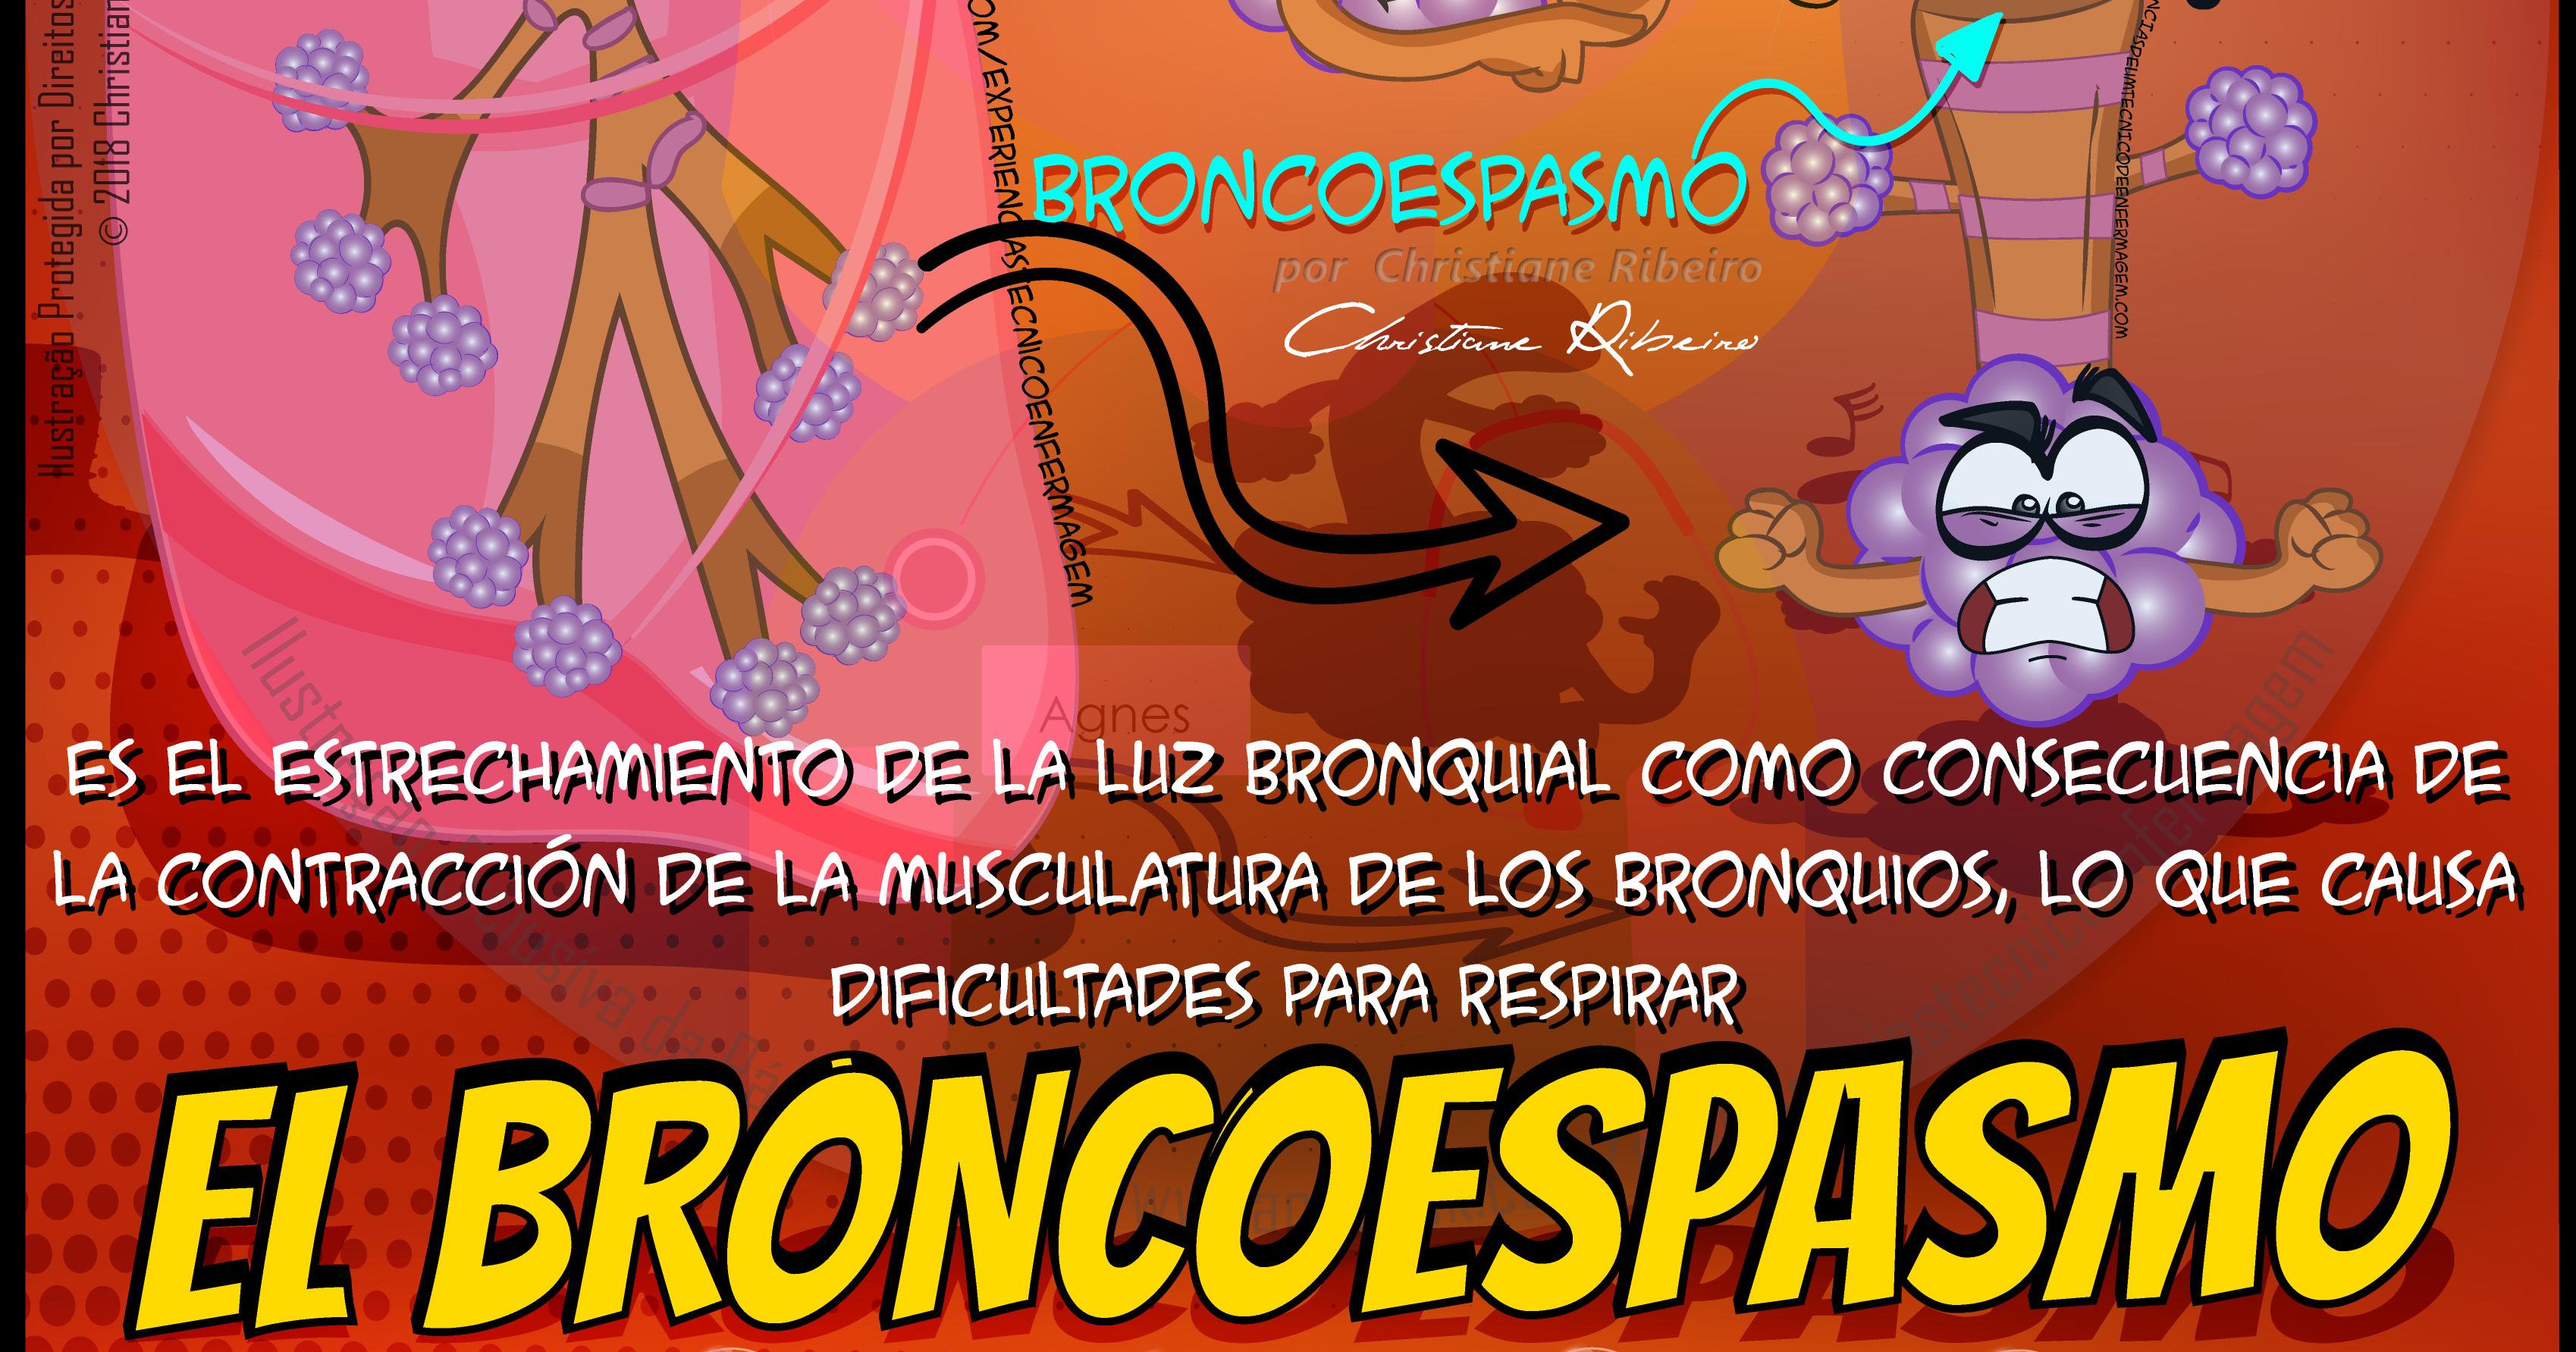 El Broncoespasmo: ¿Qué es?